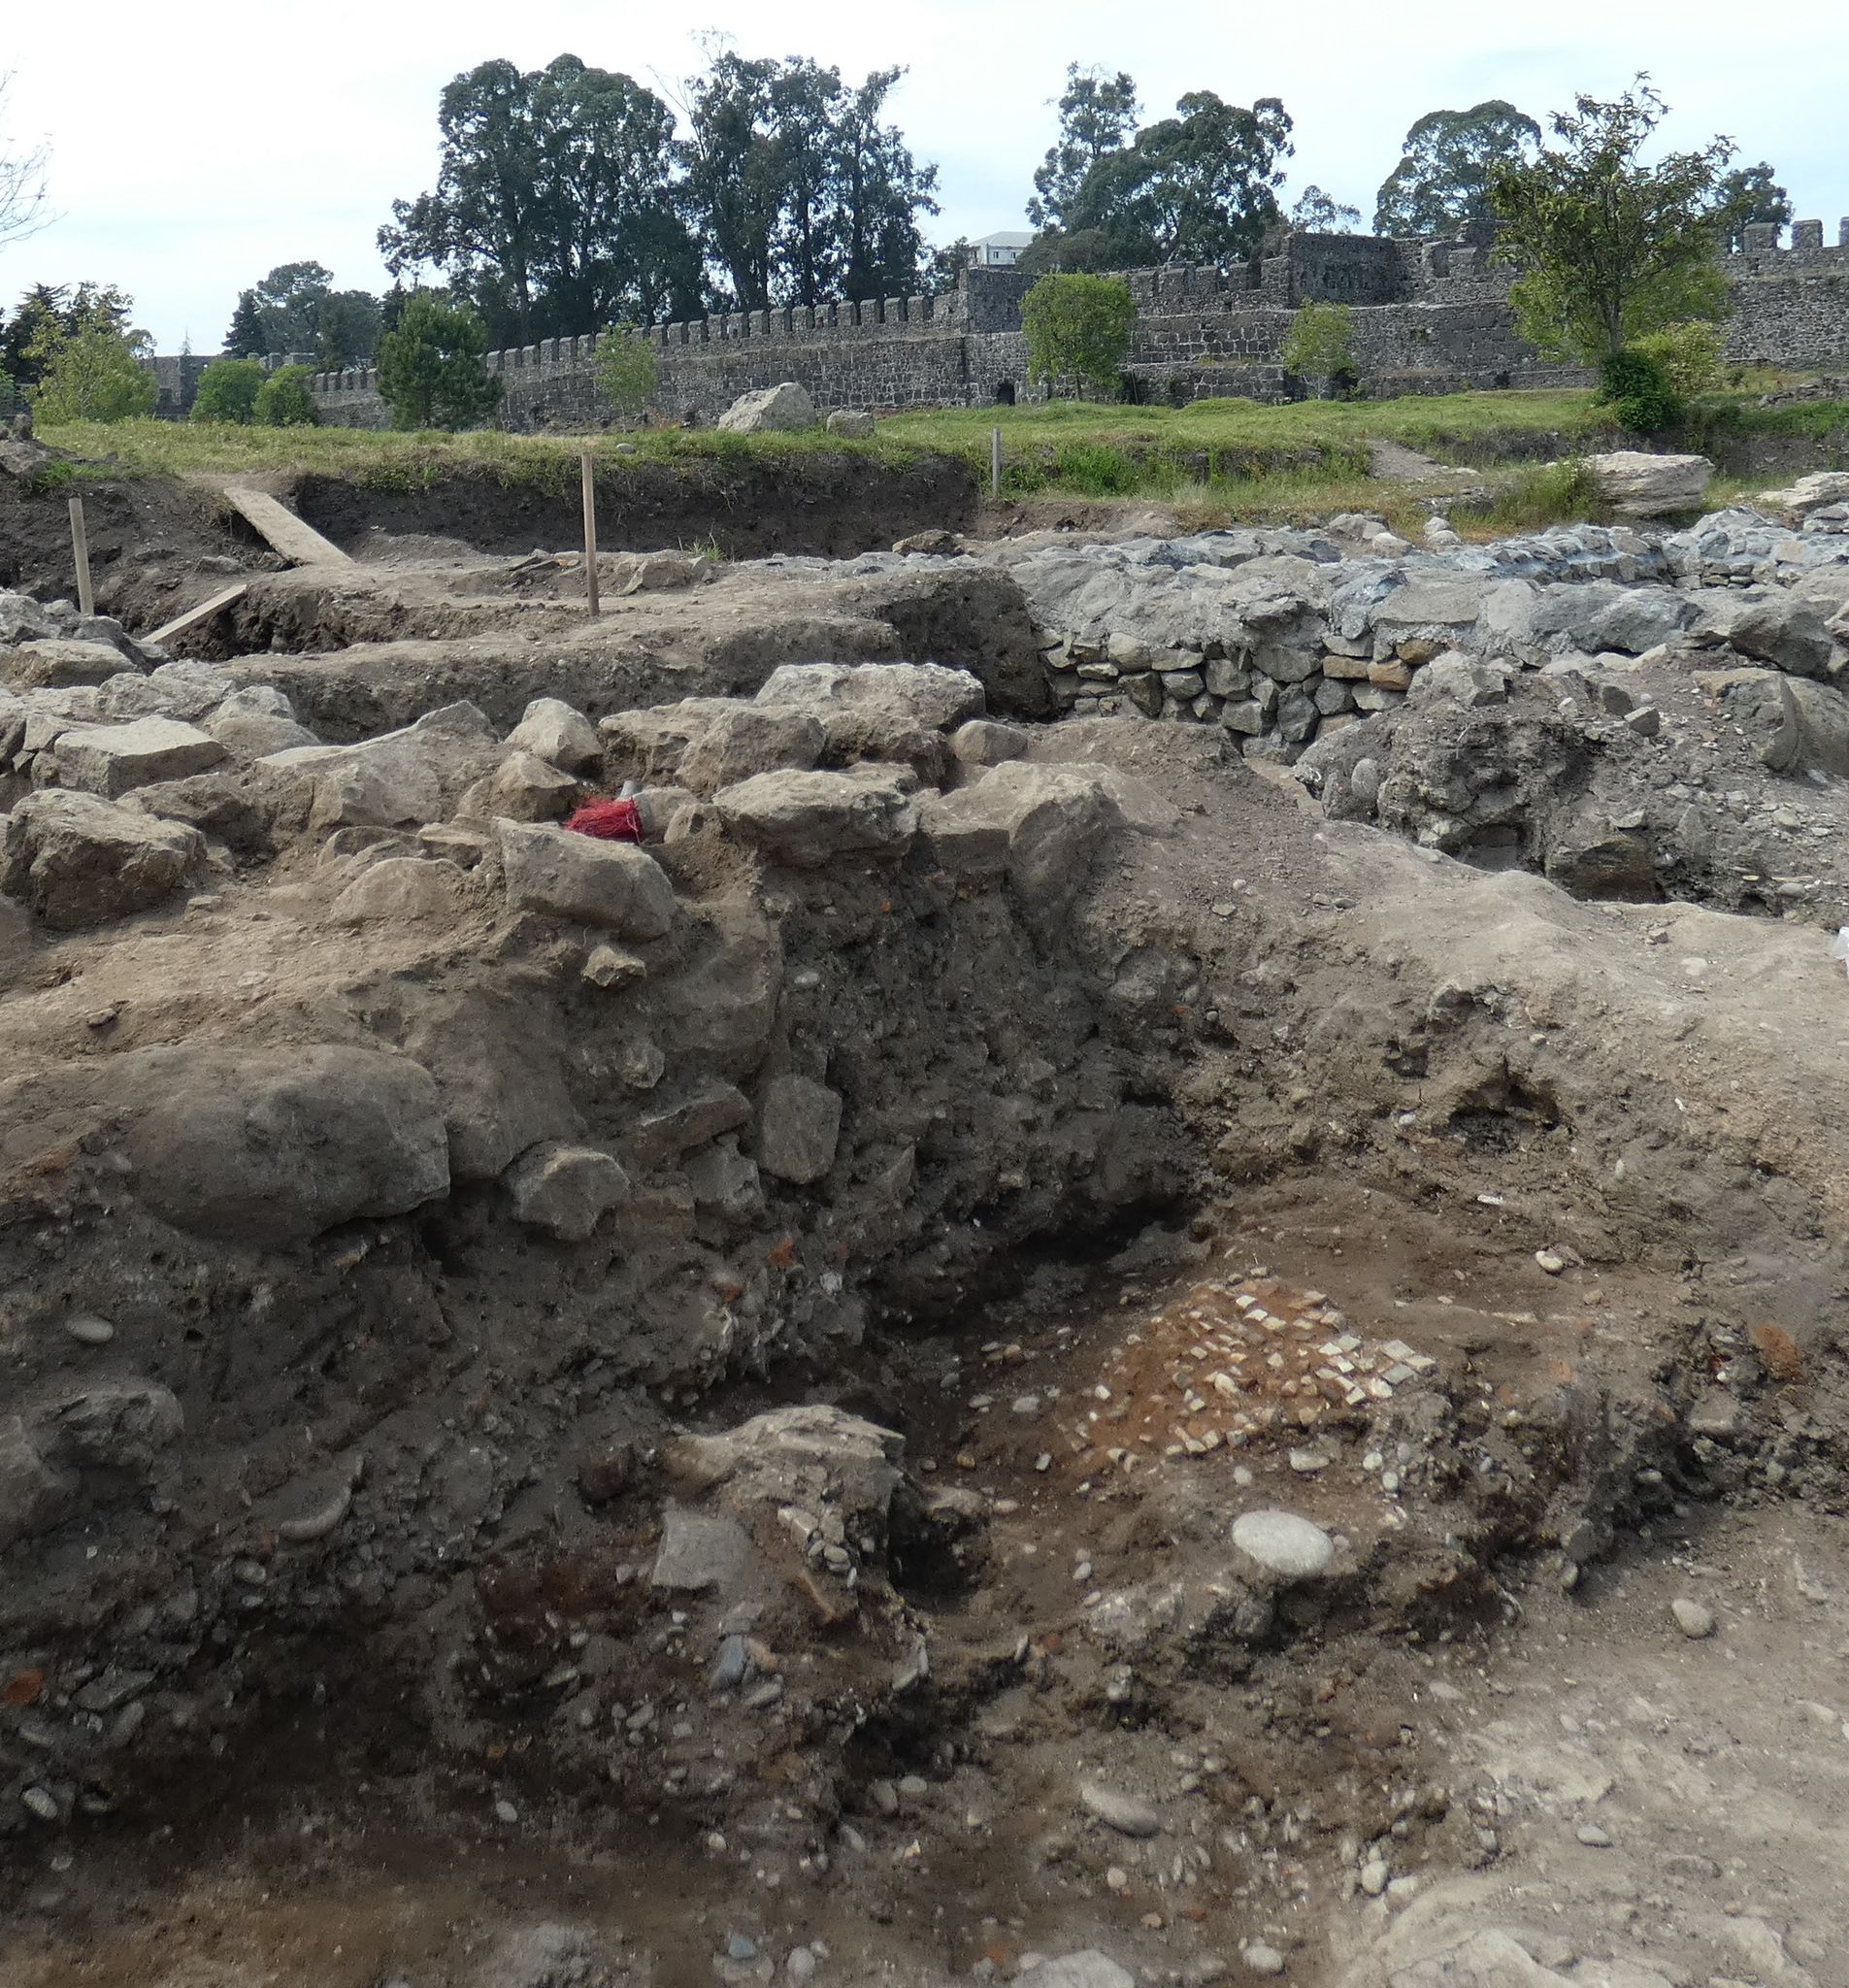 რომაული პერიოდის აფსაროსის ციხე-სიმაგრის ახალი აღმოჩენები